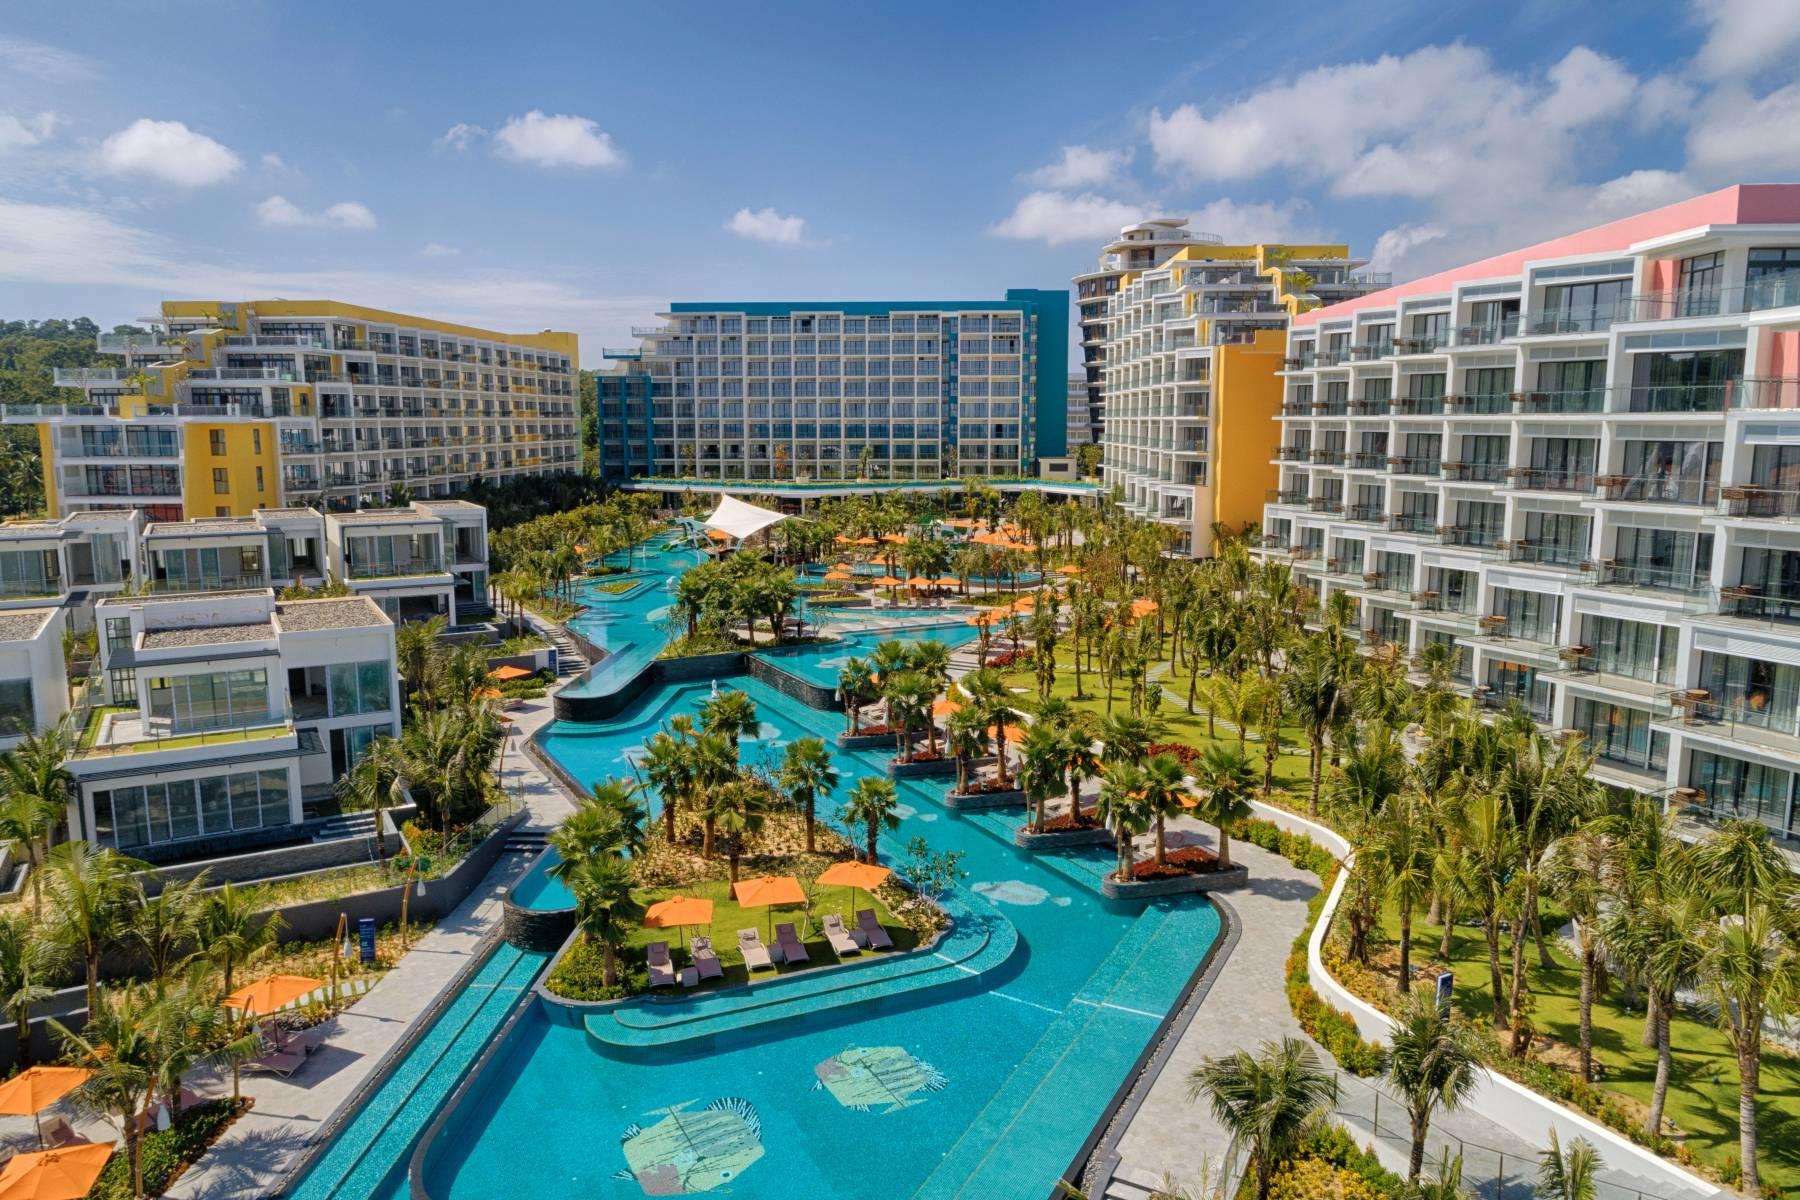 Phú Quốc với nhiều dự án quy mô hàng tỷ đô la và hầu hết các thương hiệu quản lý du lịch khách sạn hàng đầu đều ghi dấu ấn tại Phú Quốc như JW Marriott, Rosewood, Intercontinental, Pullman, Accor,...